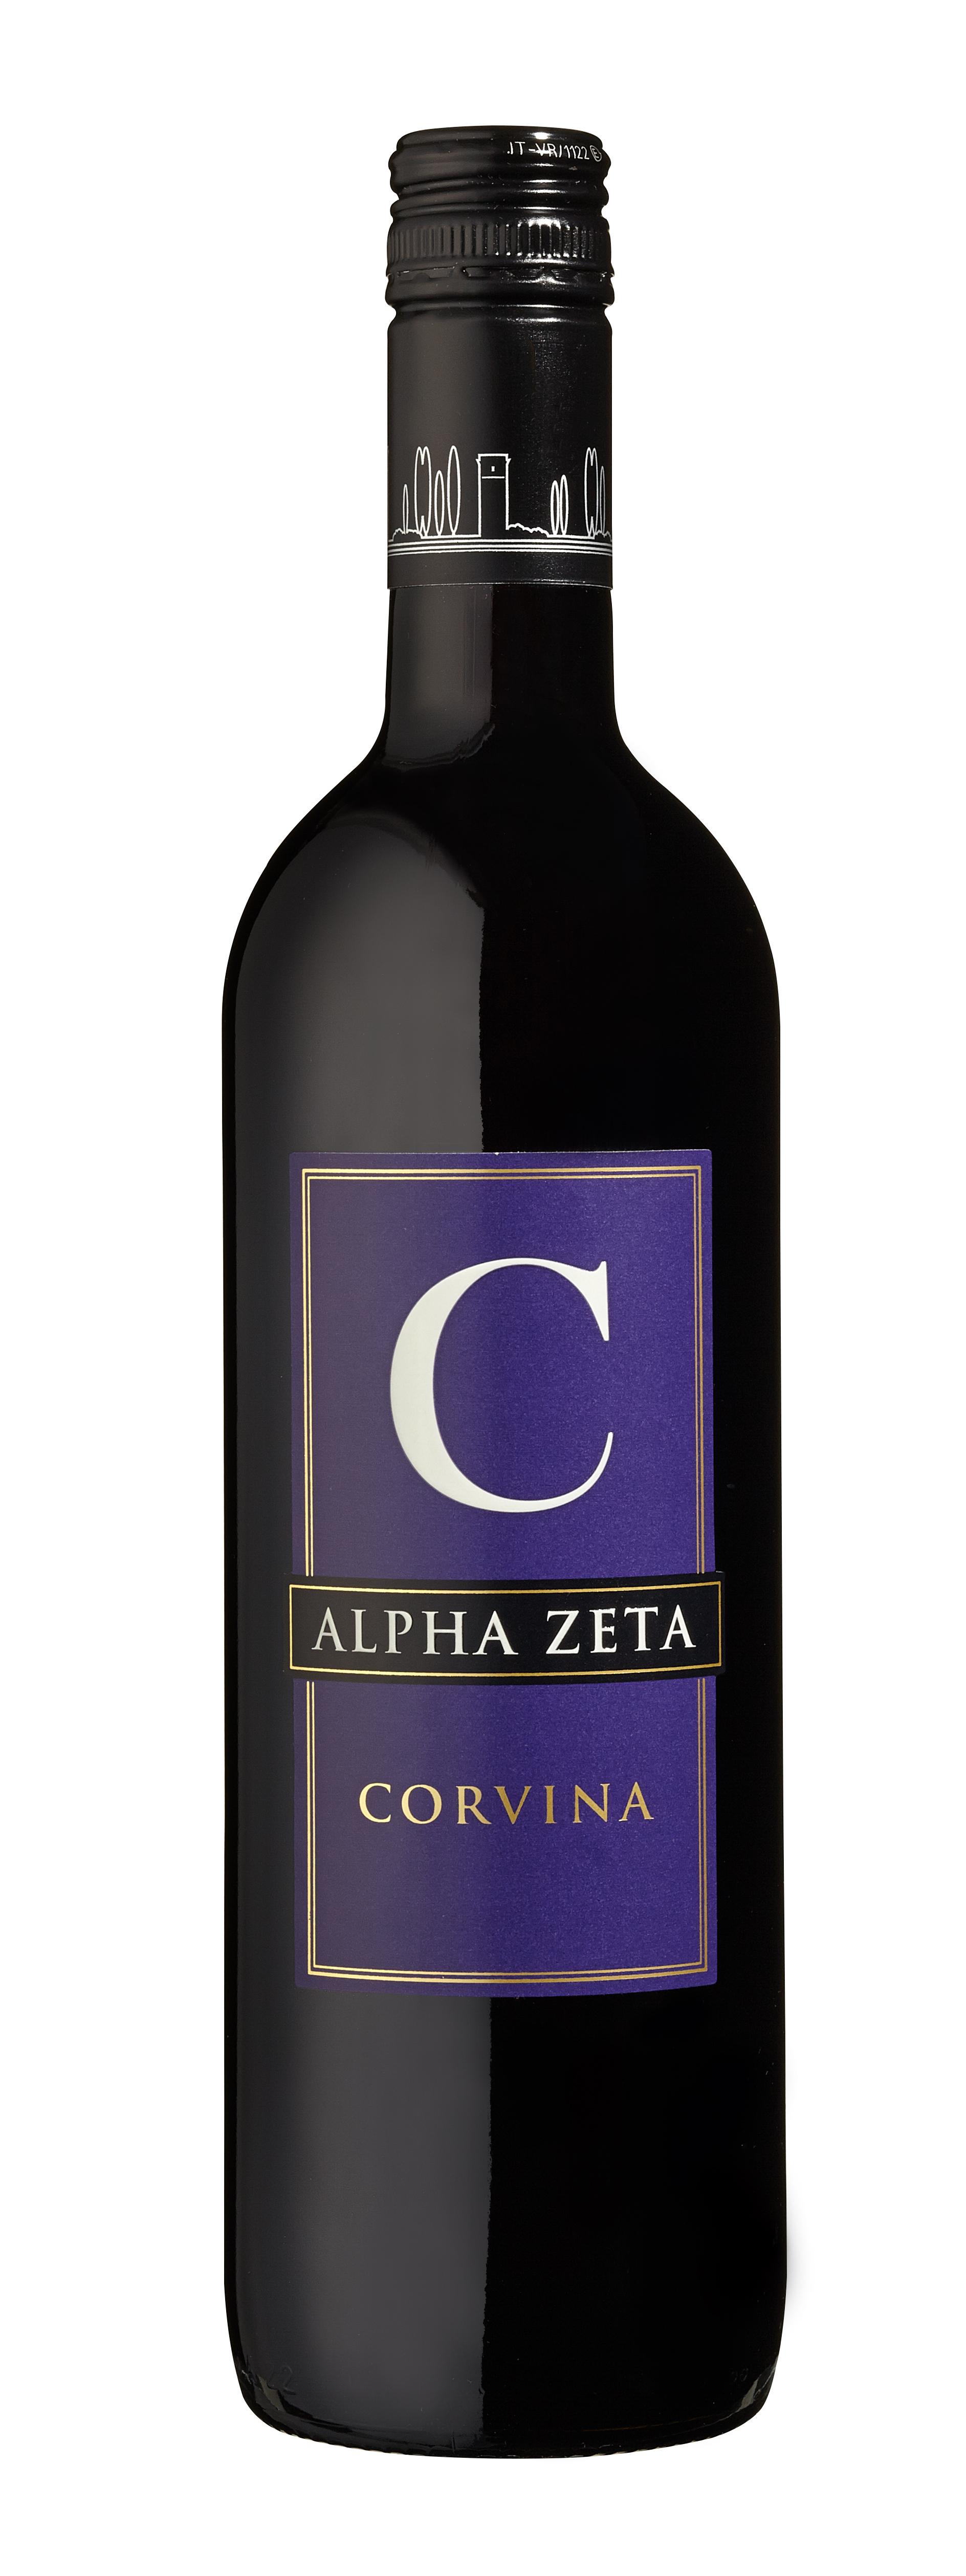 Alpha Zeta C Corvina.jpg